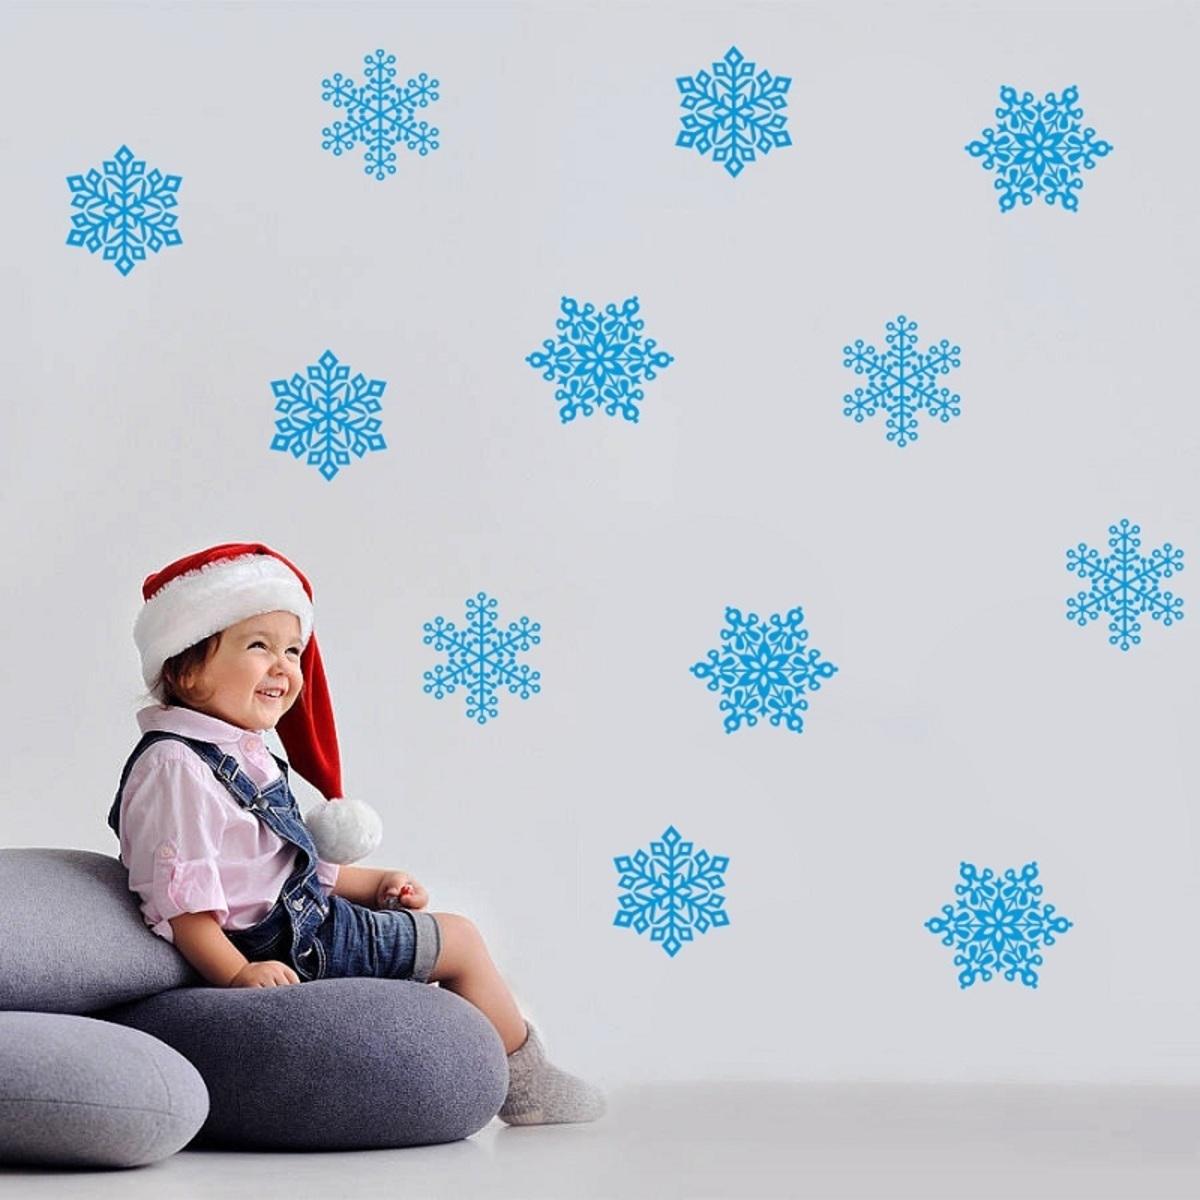 Vianočná dekorácia na stenu - modré vločky